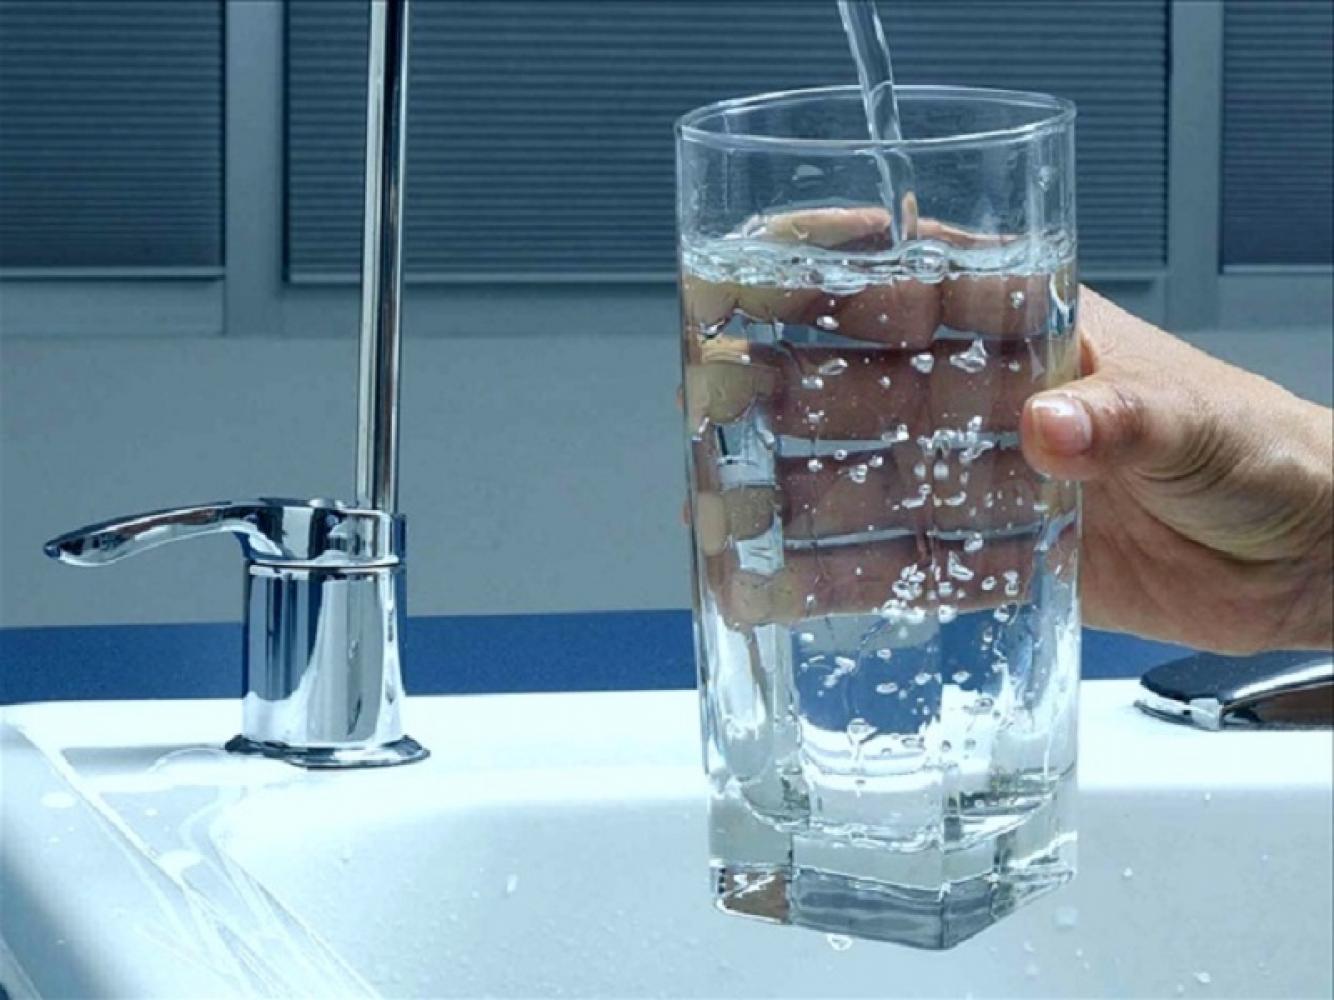 Елена Стогова: Одно из важных для нас направлений – это очистка воды